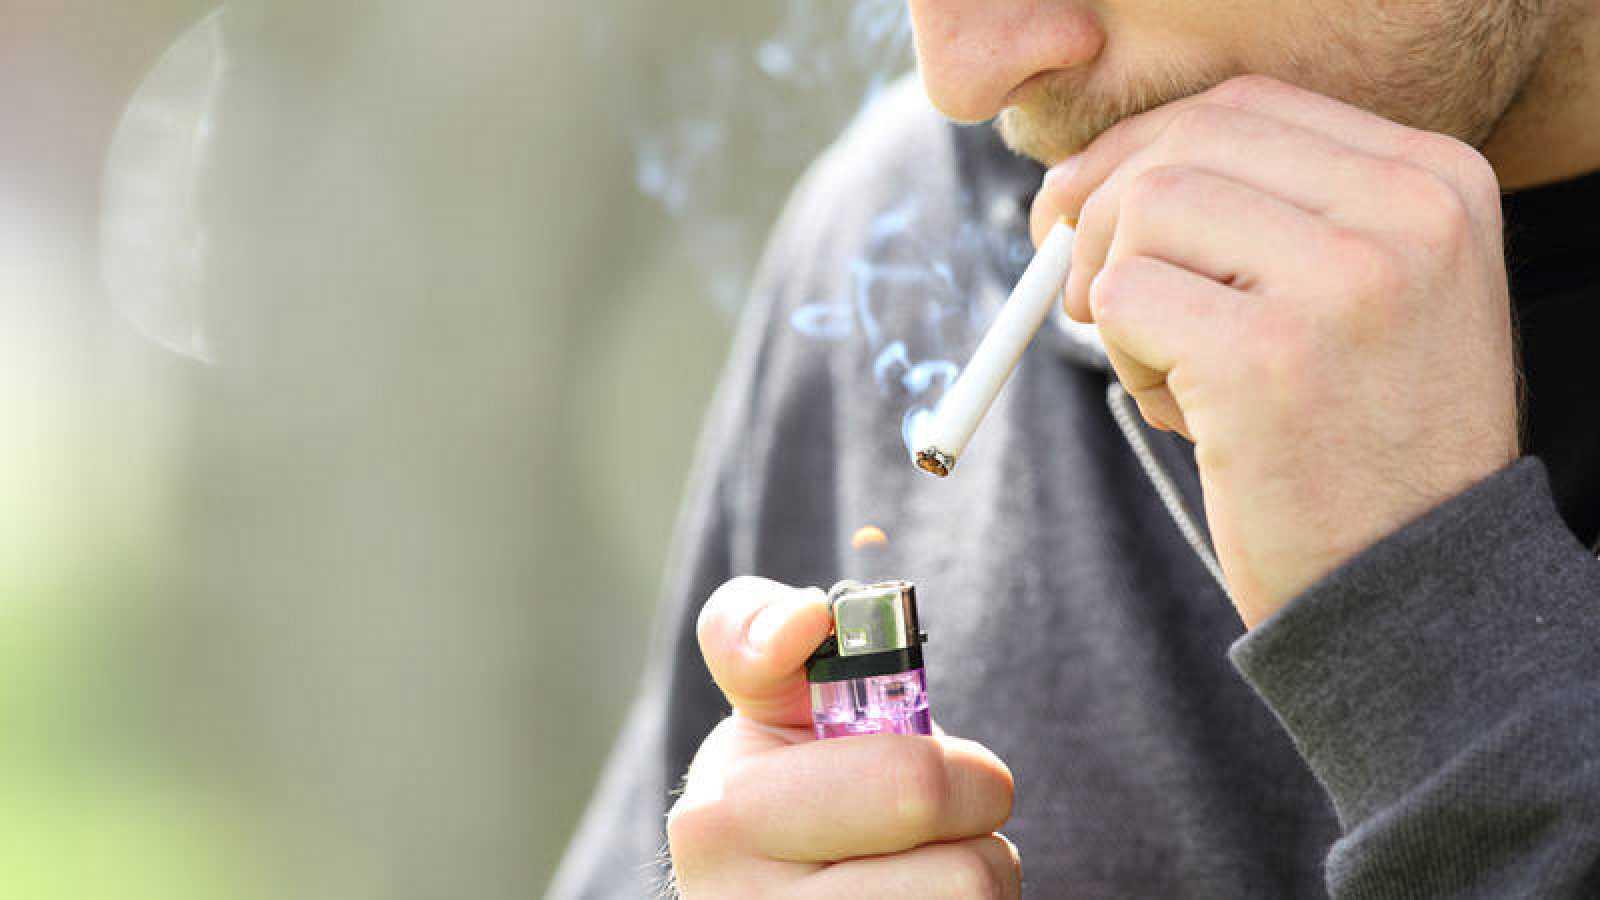 El tabaco provoca más del 95% de los cánceres de laringe